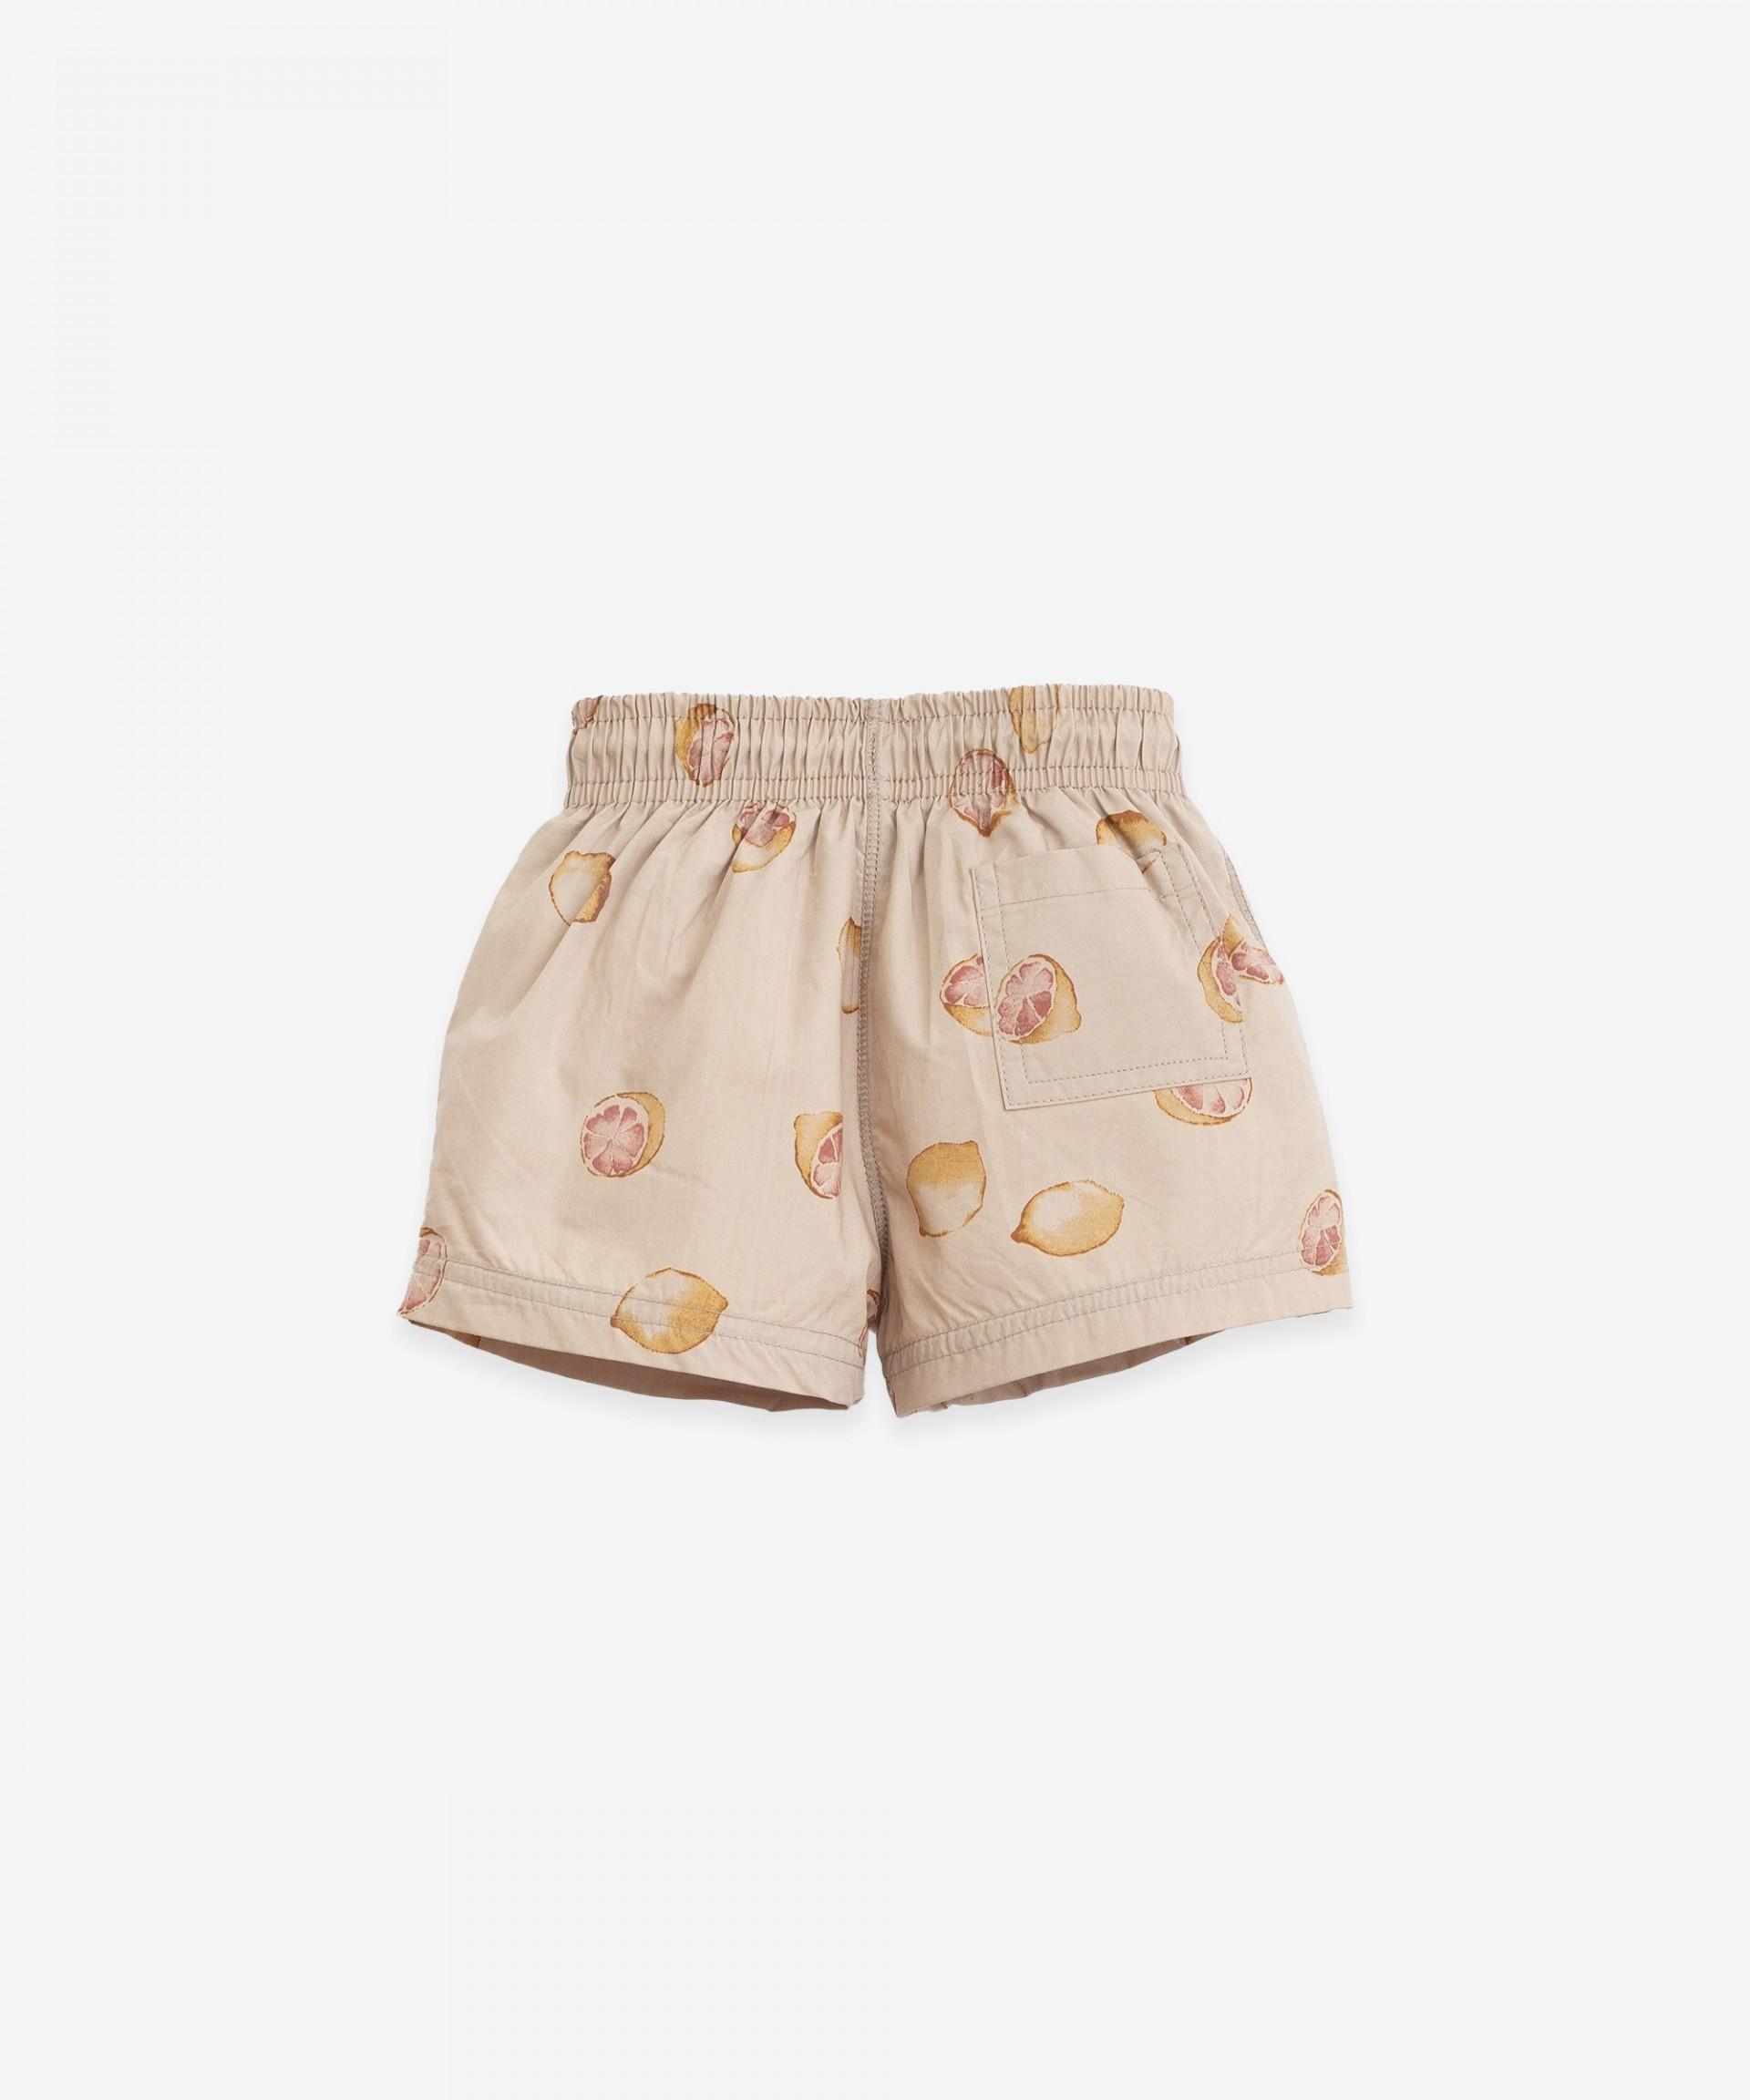 Swimming shorts with interior pants | Botany